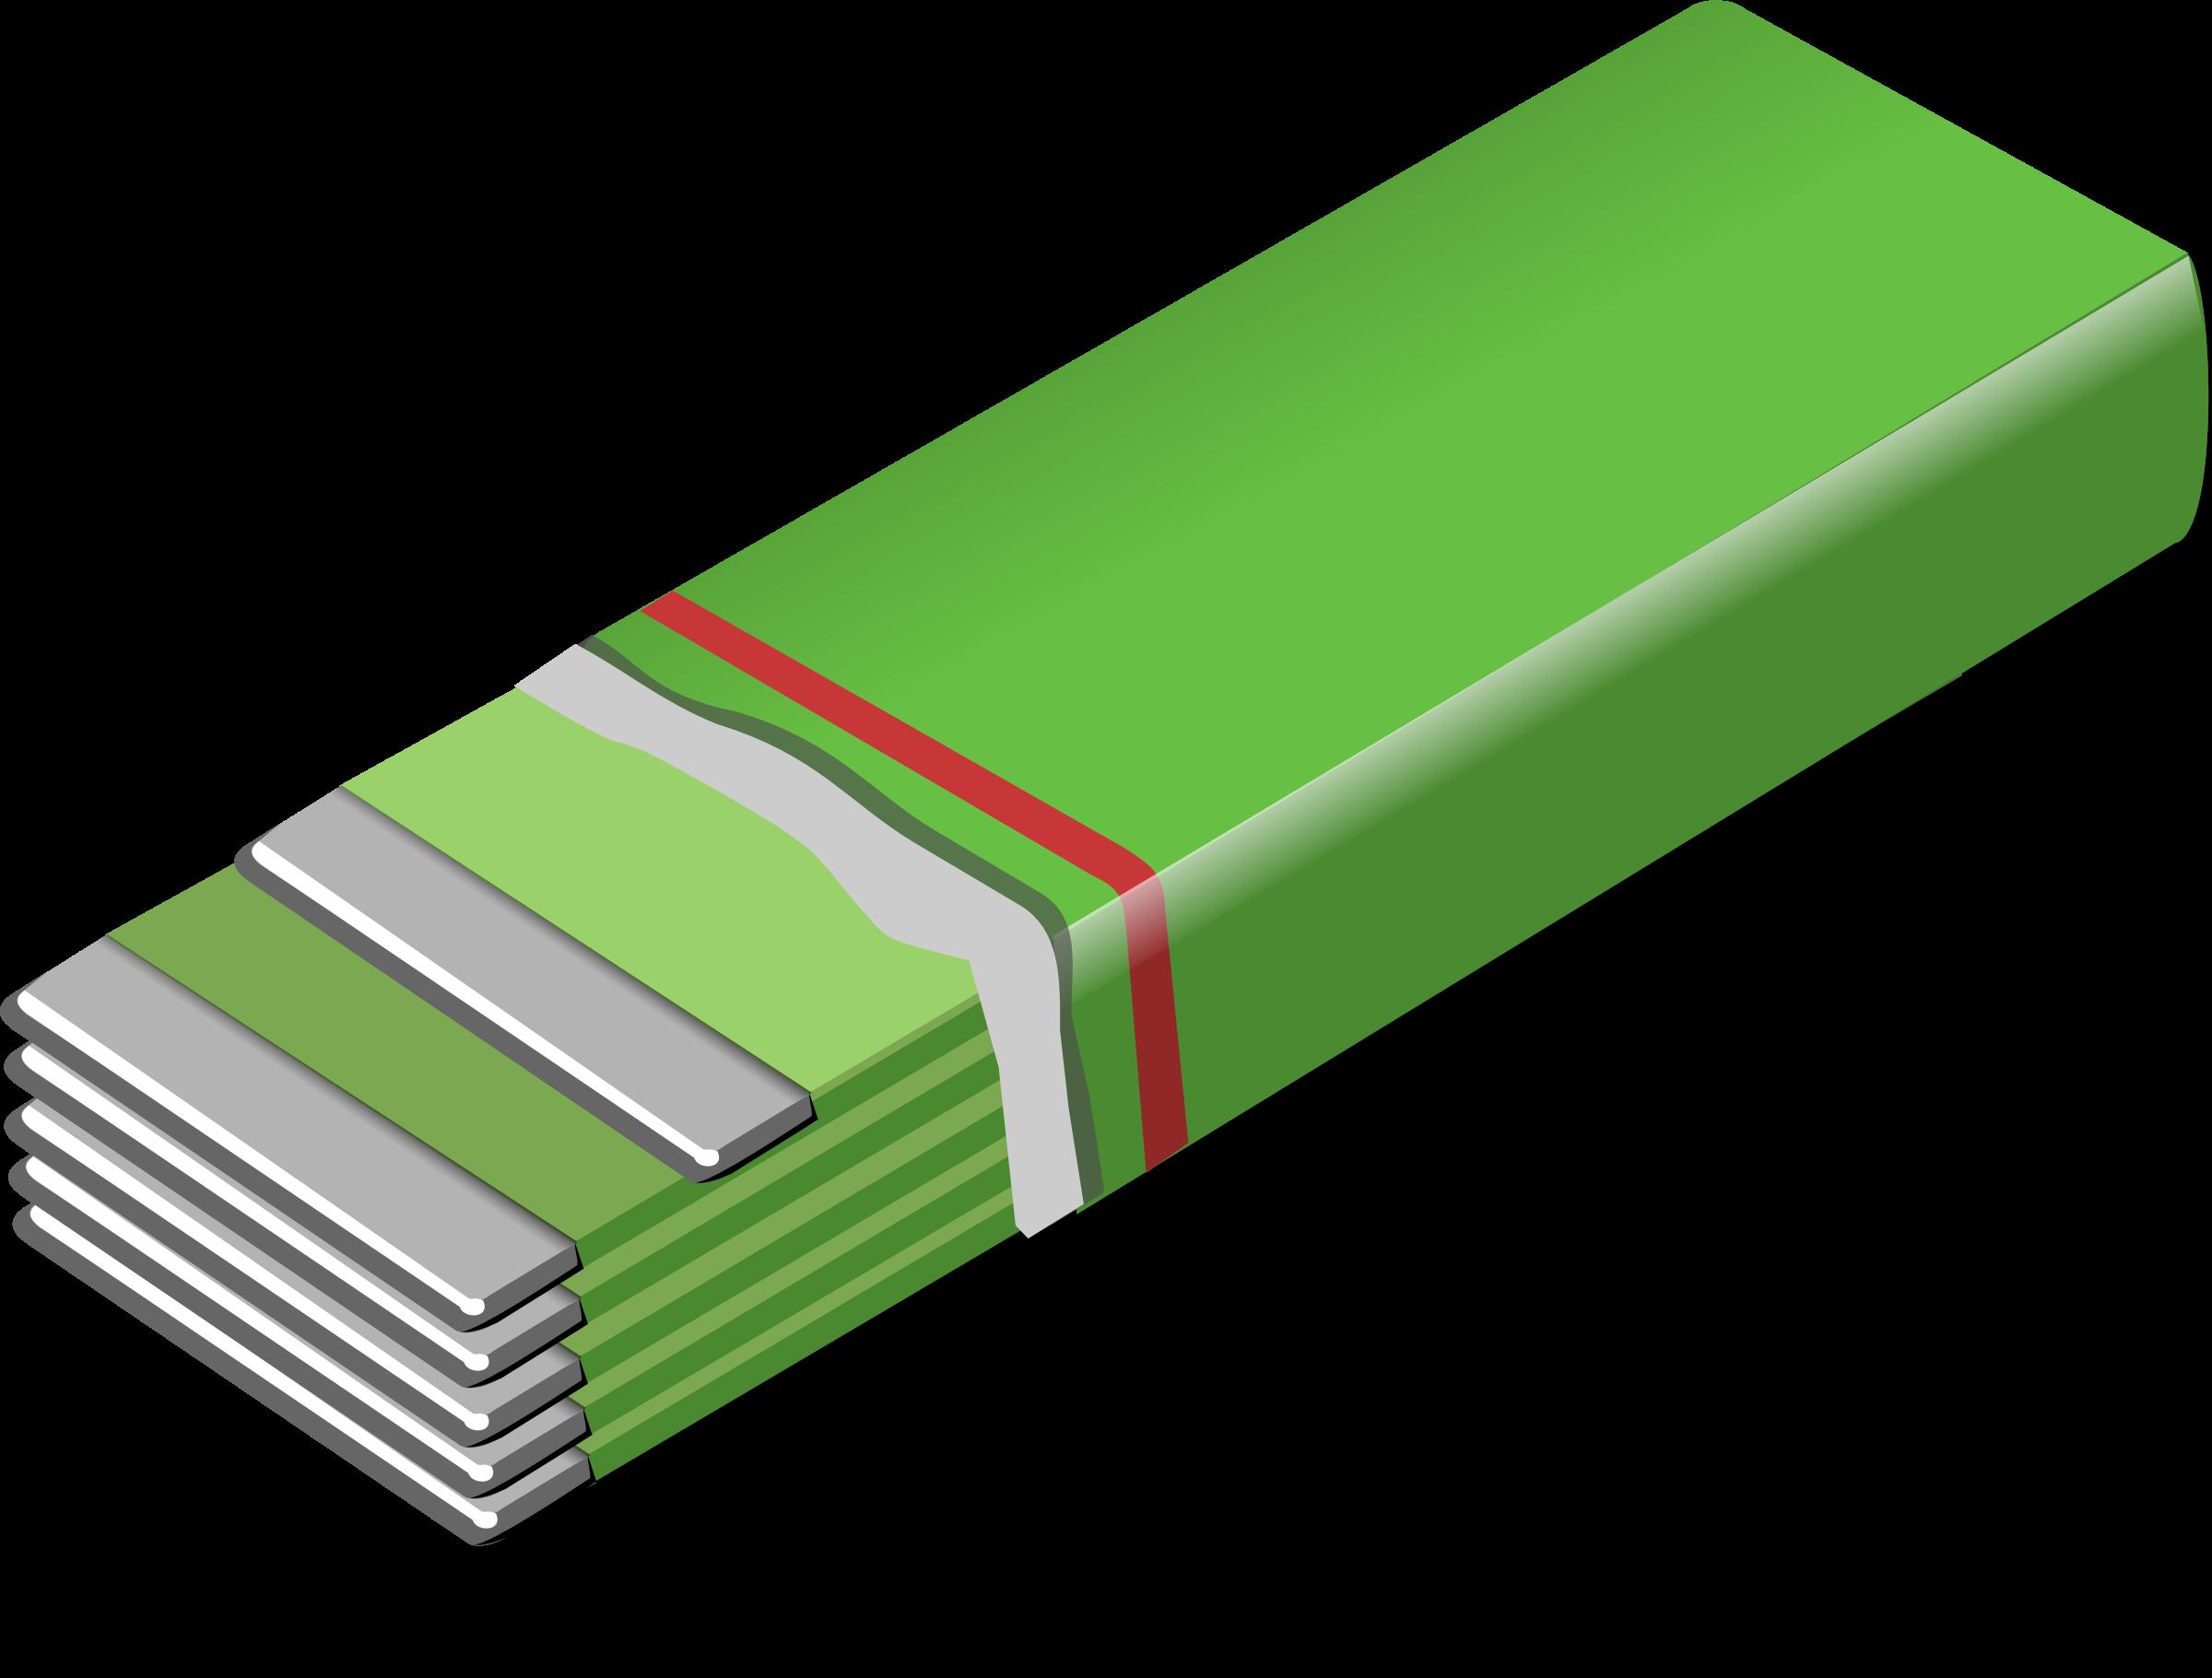 Chewing Gum clipart transparent Of Gum Gum Of Pack